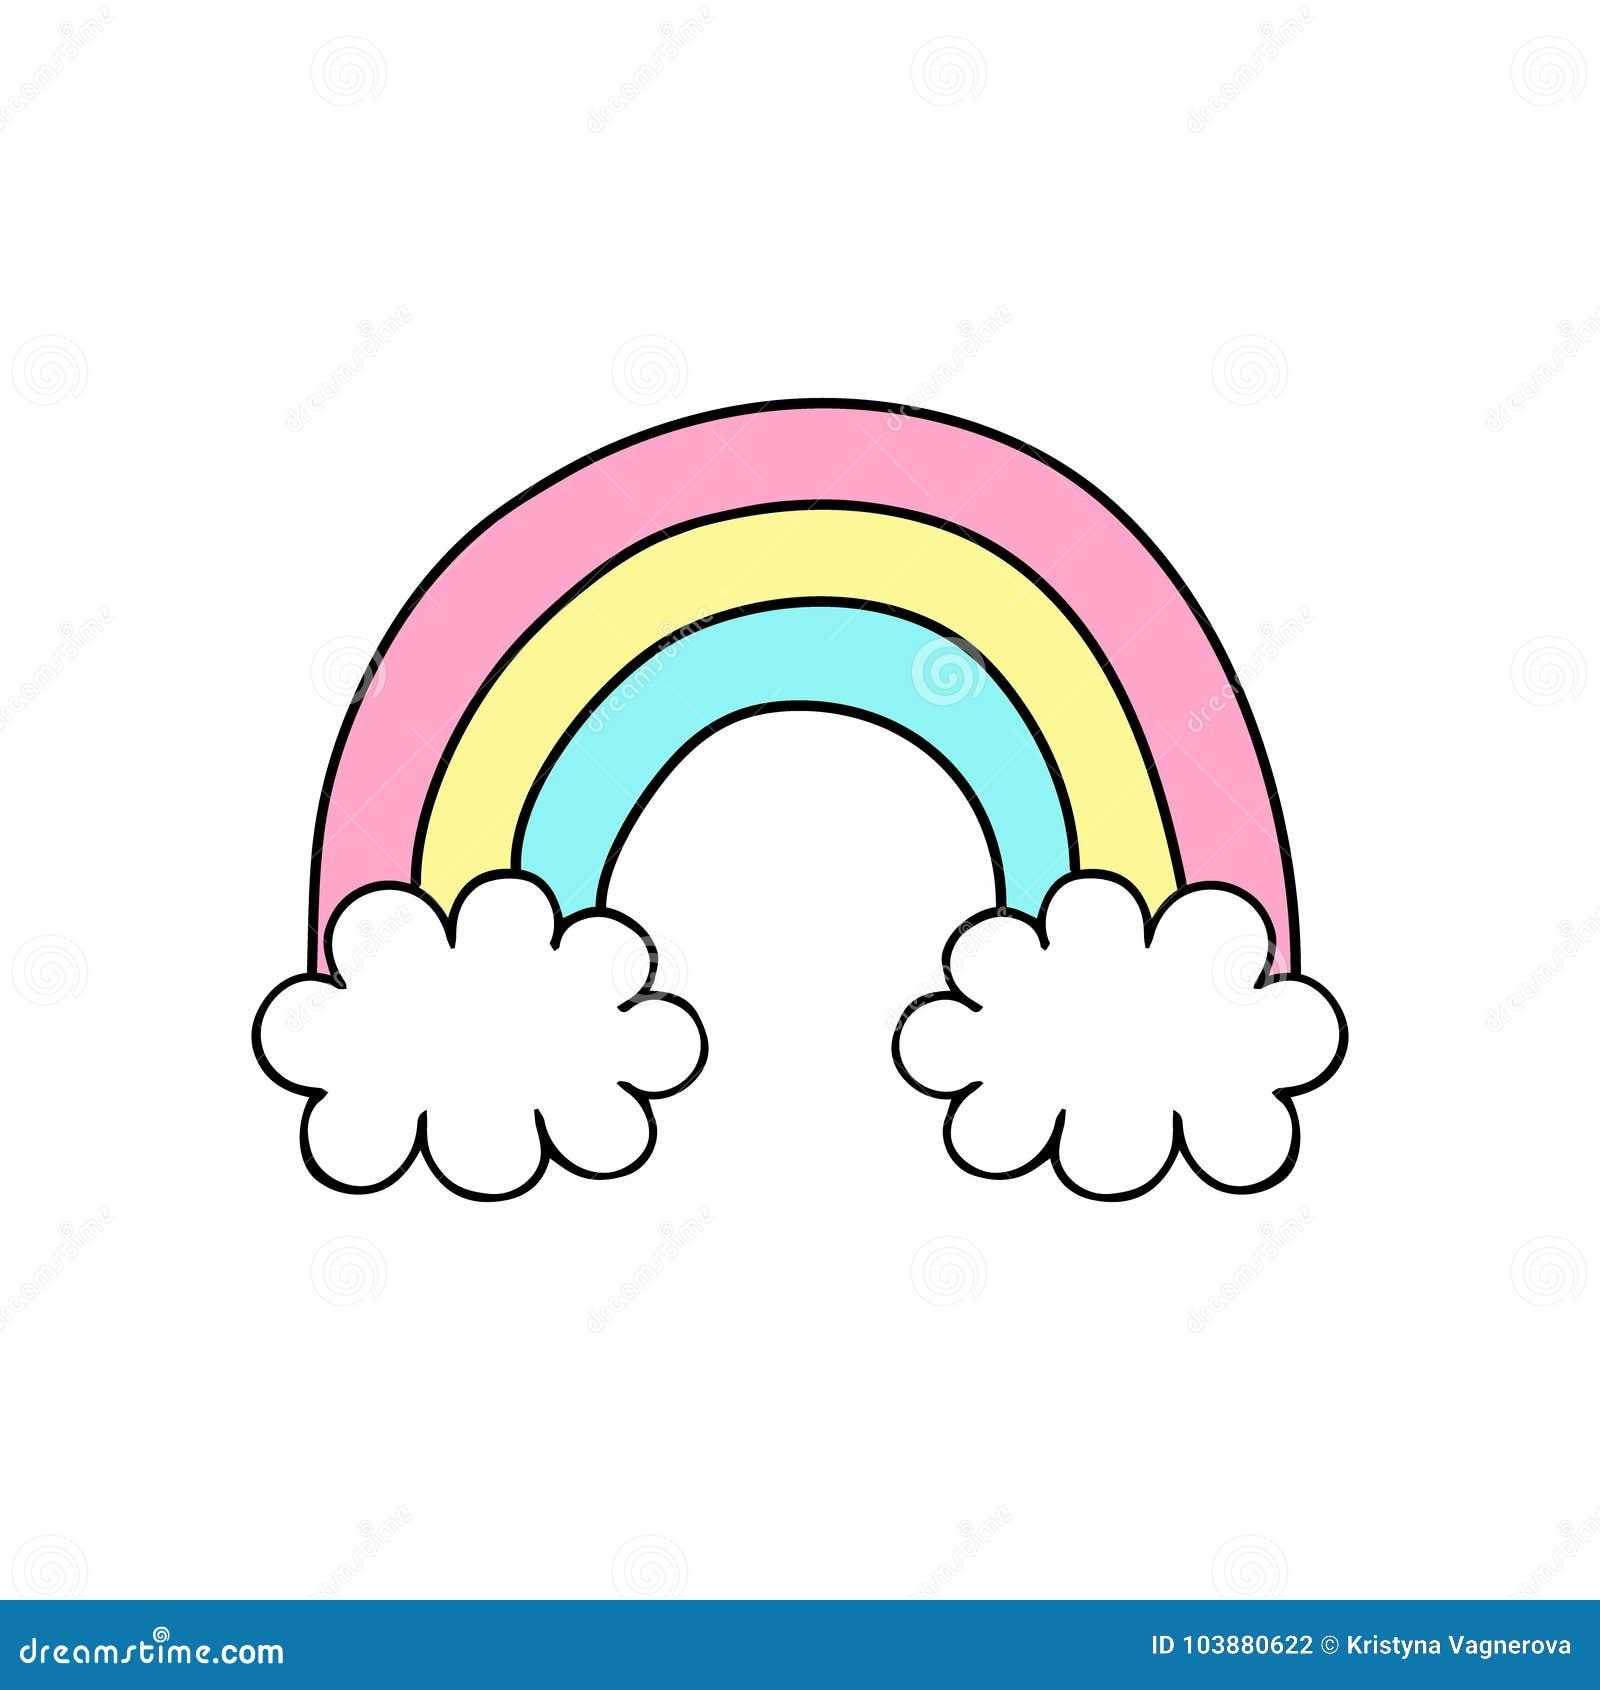 Sliczna Reka Rysujaca Kolorowa Tecza Z Chmurami Ilustracja Wektor Ilustracja Zlozonej Z Rysujaca Kolorowa 103880622